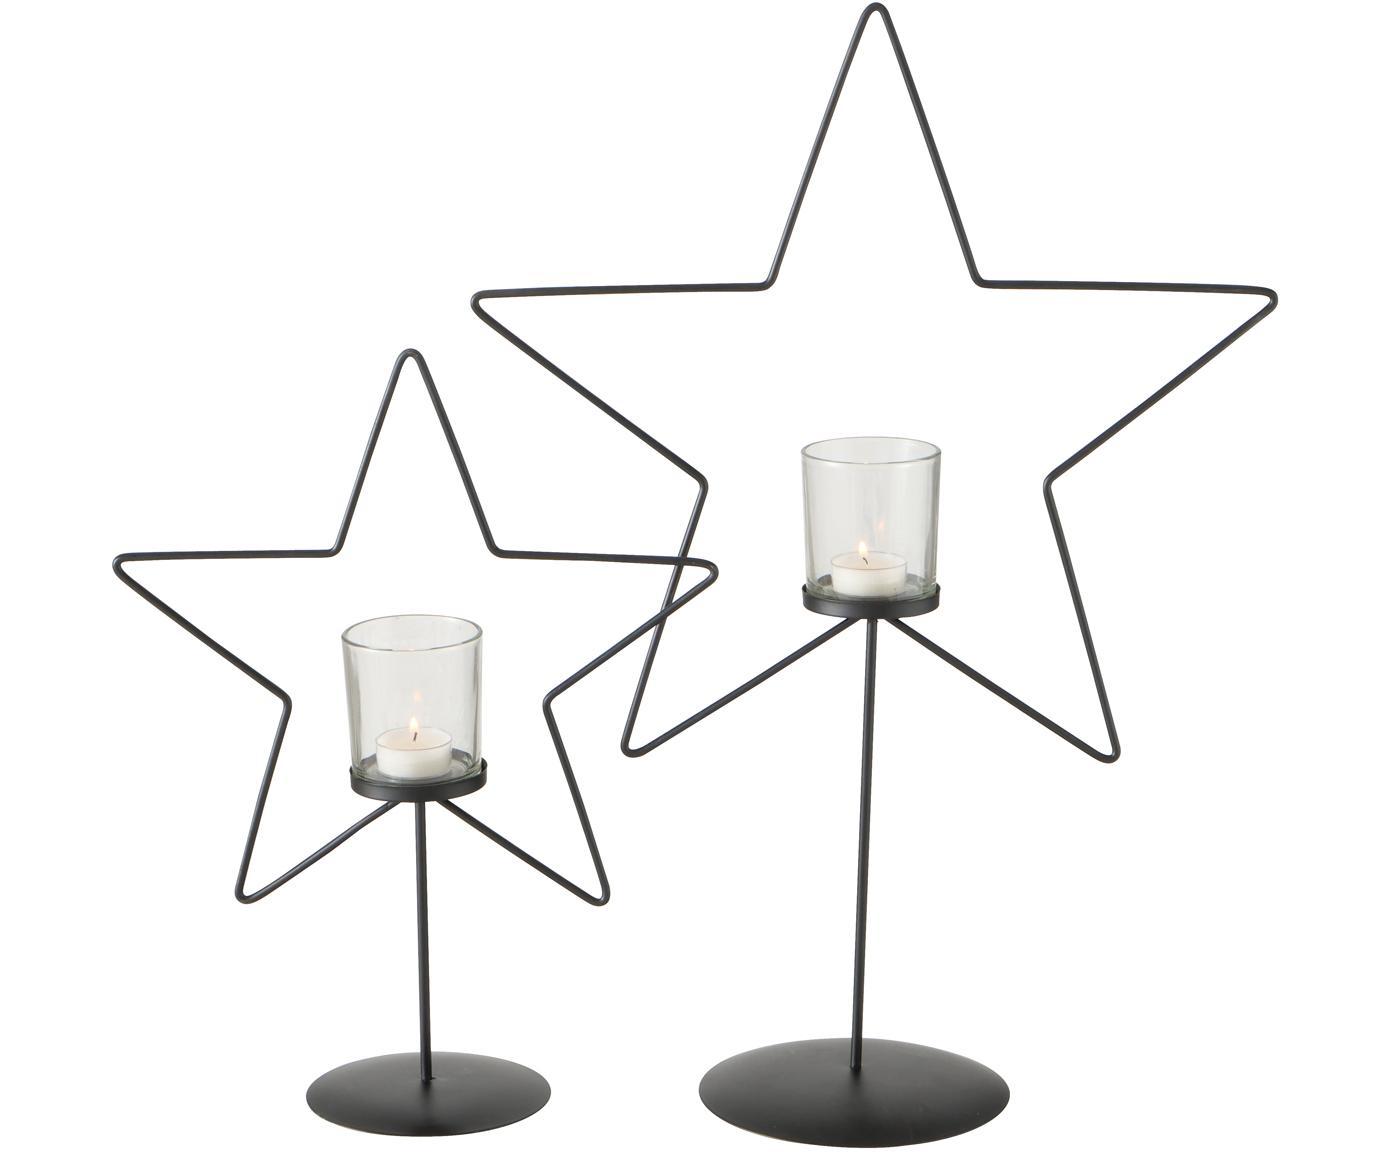 Windlichter-Set Pina, 2-tlg., Gestell: Metall, beschichtet, Windlicht: Glas, schwarz, Transparent, Verschiedene Grössen